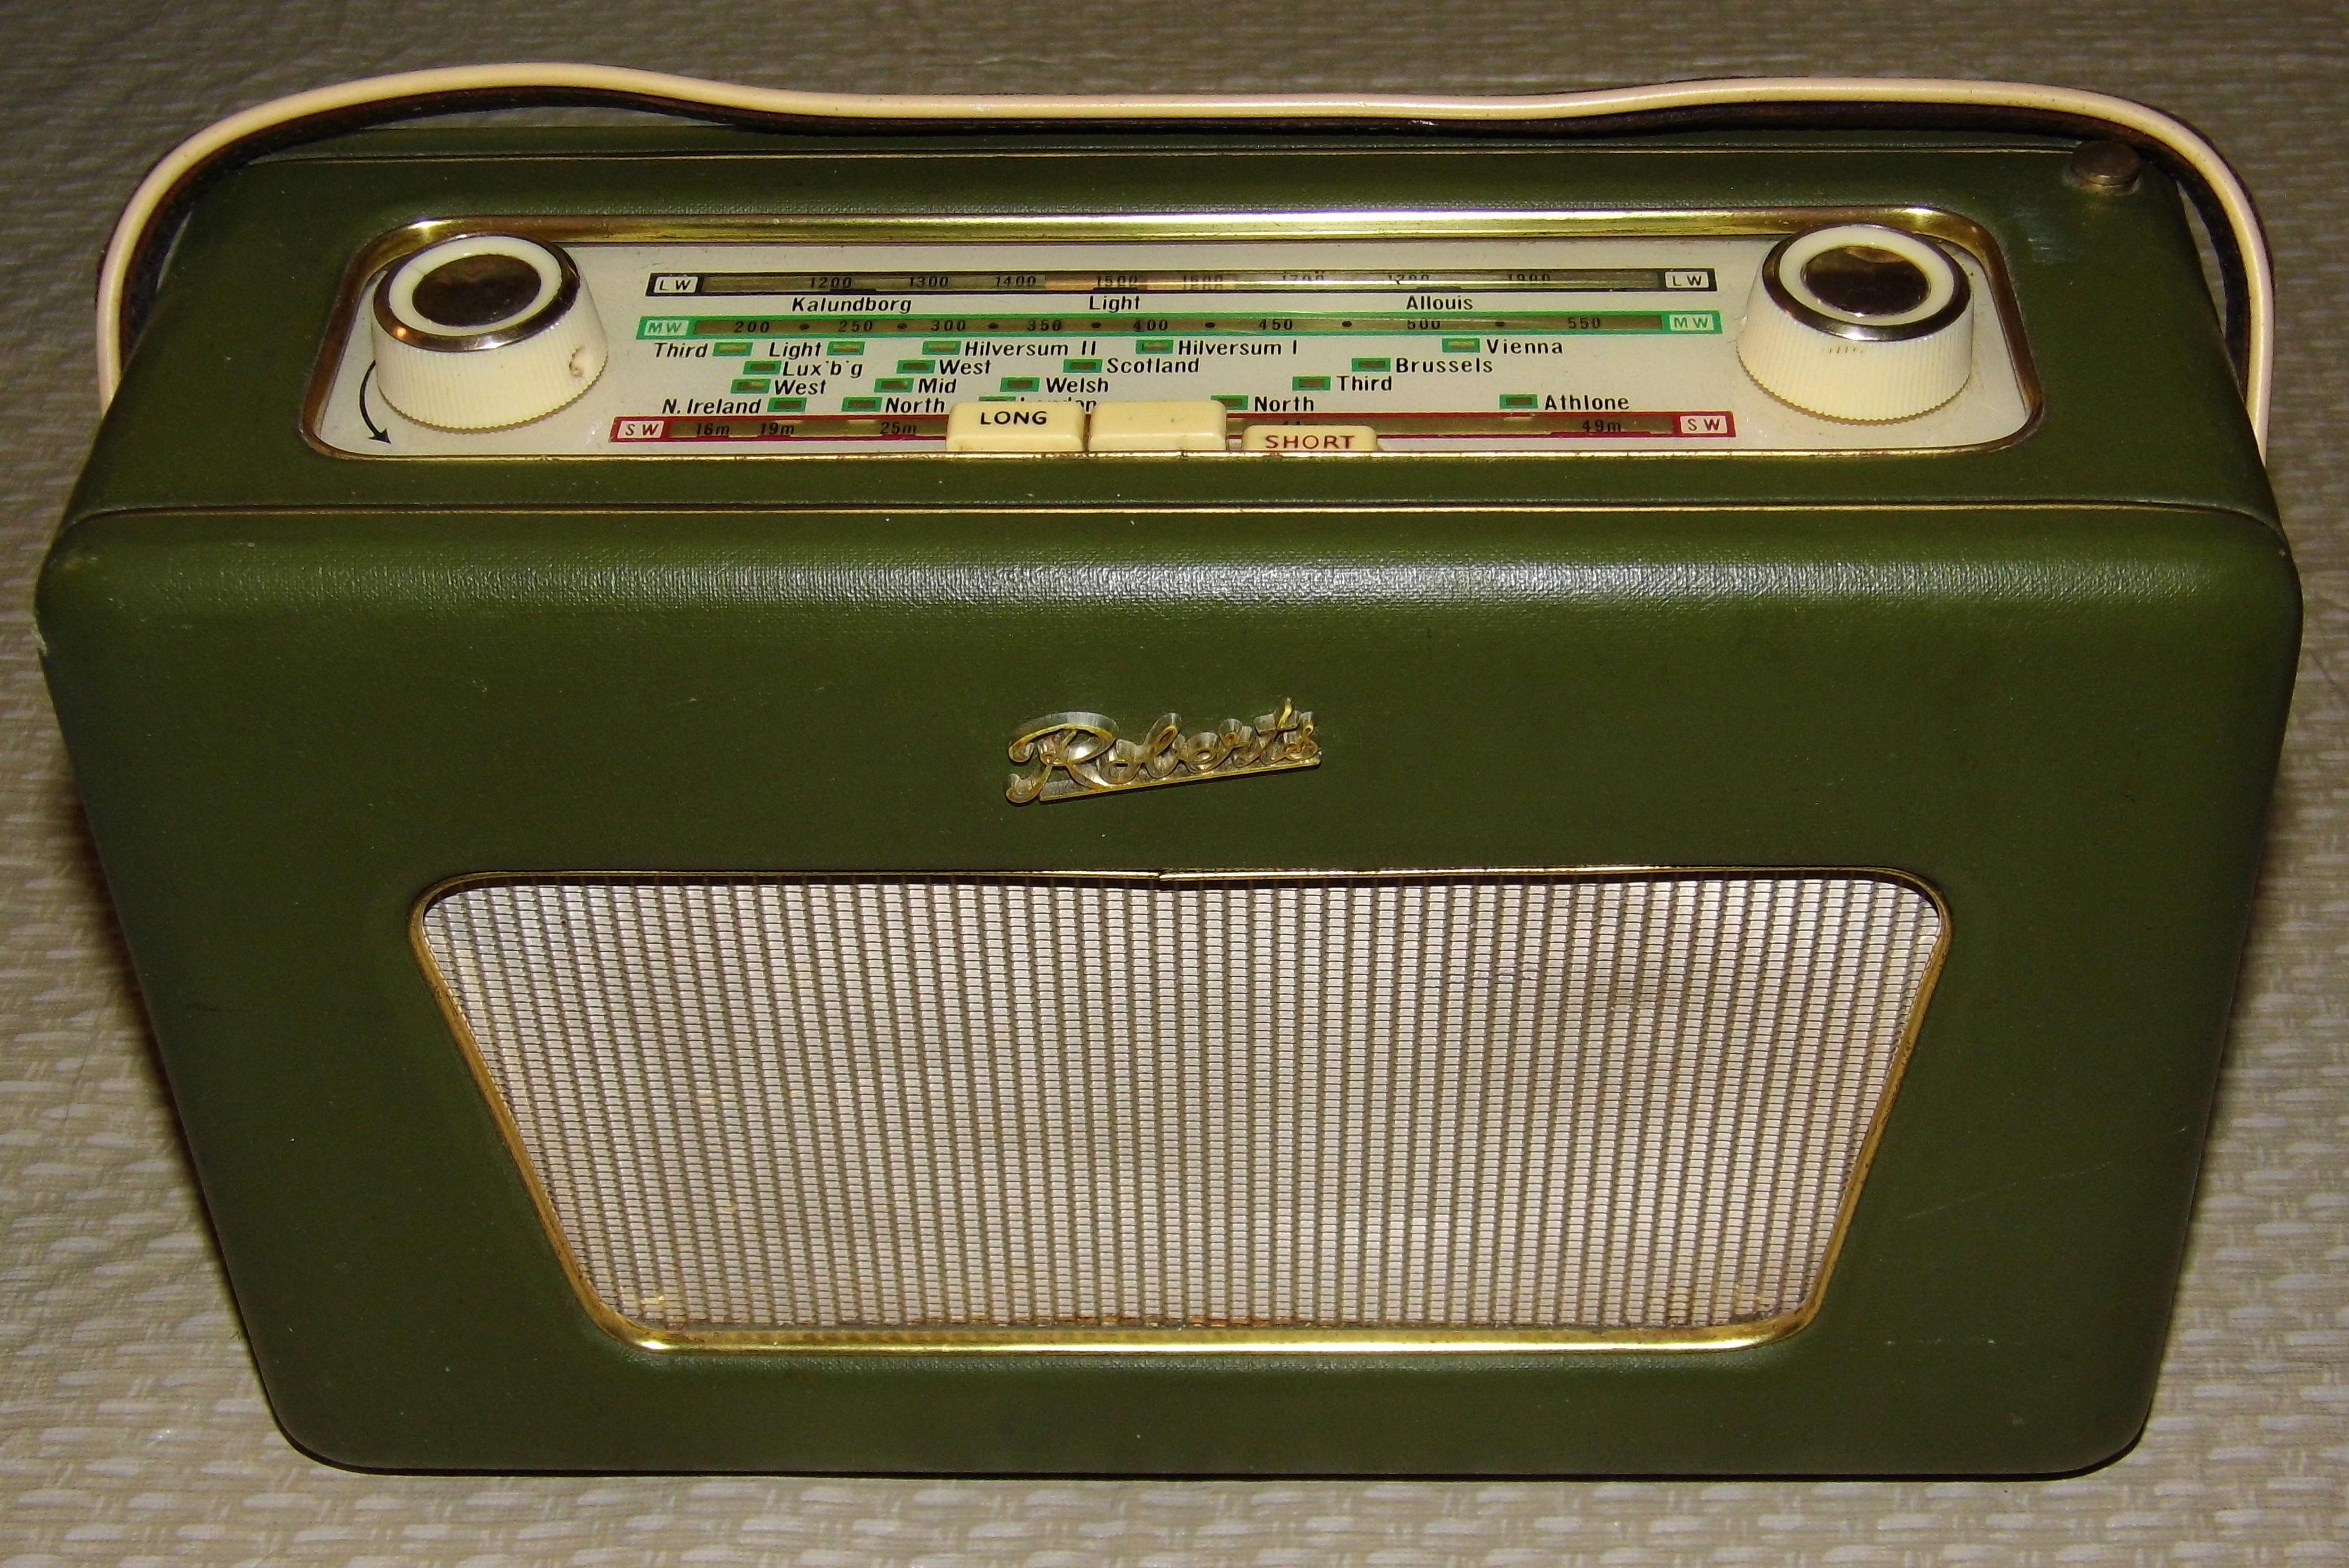 Transistor radio Etsy